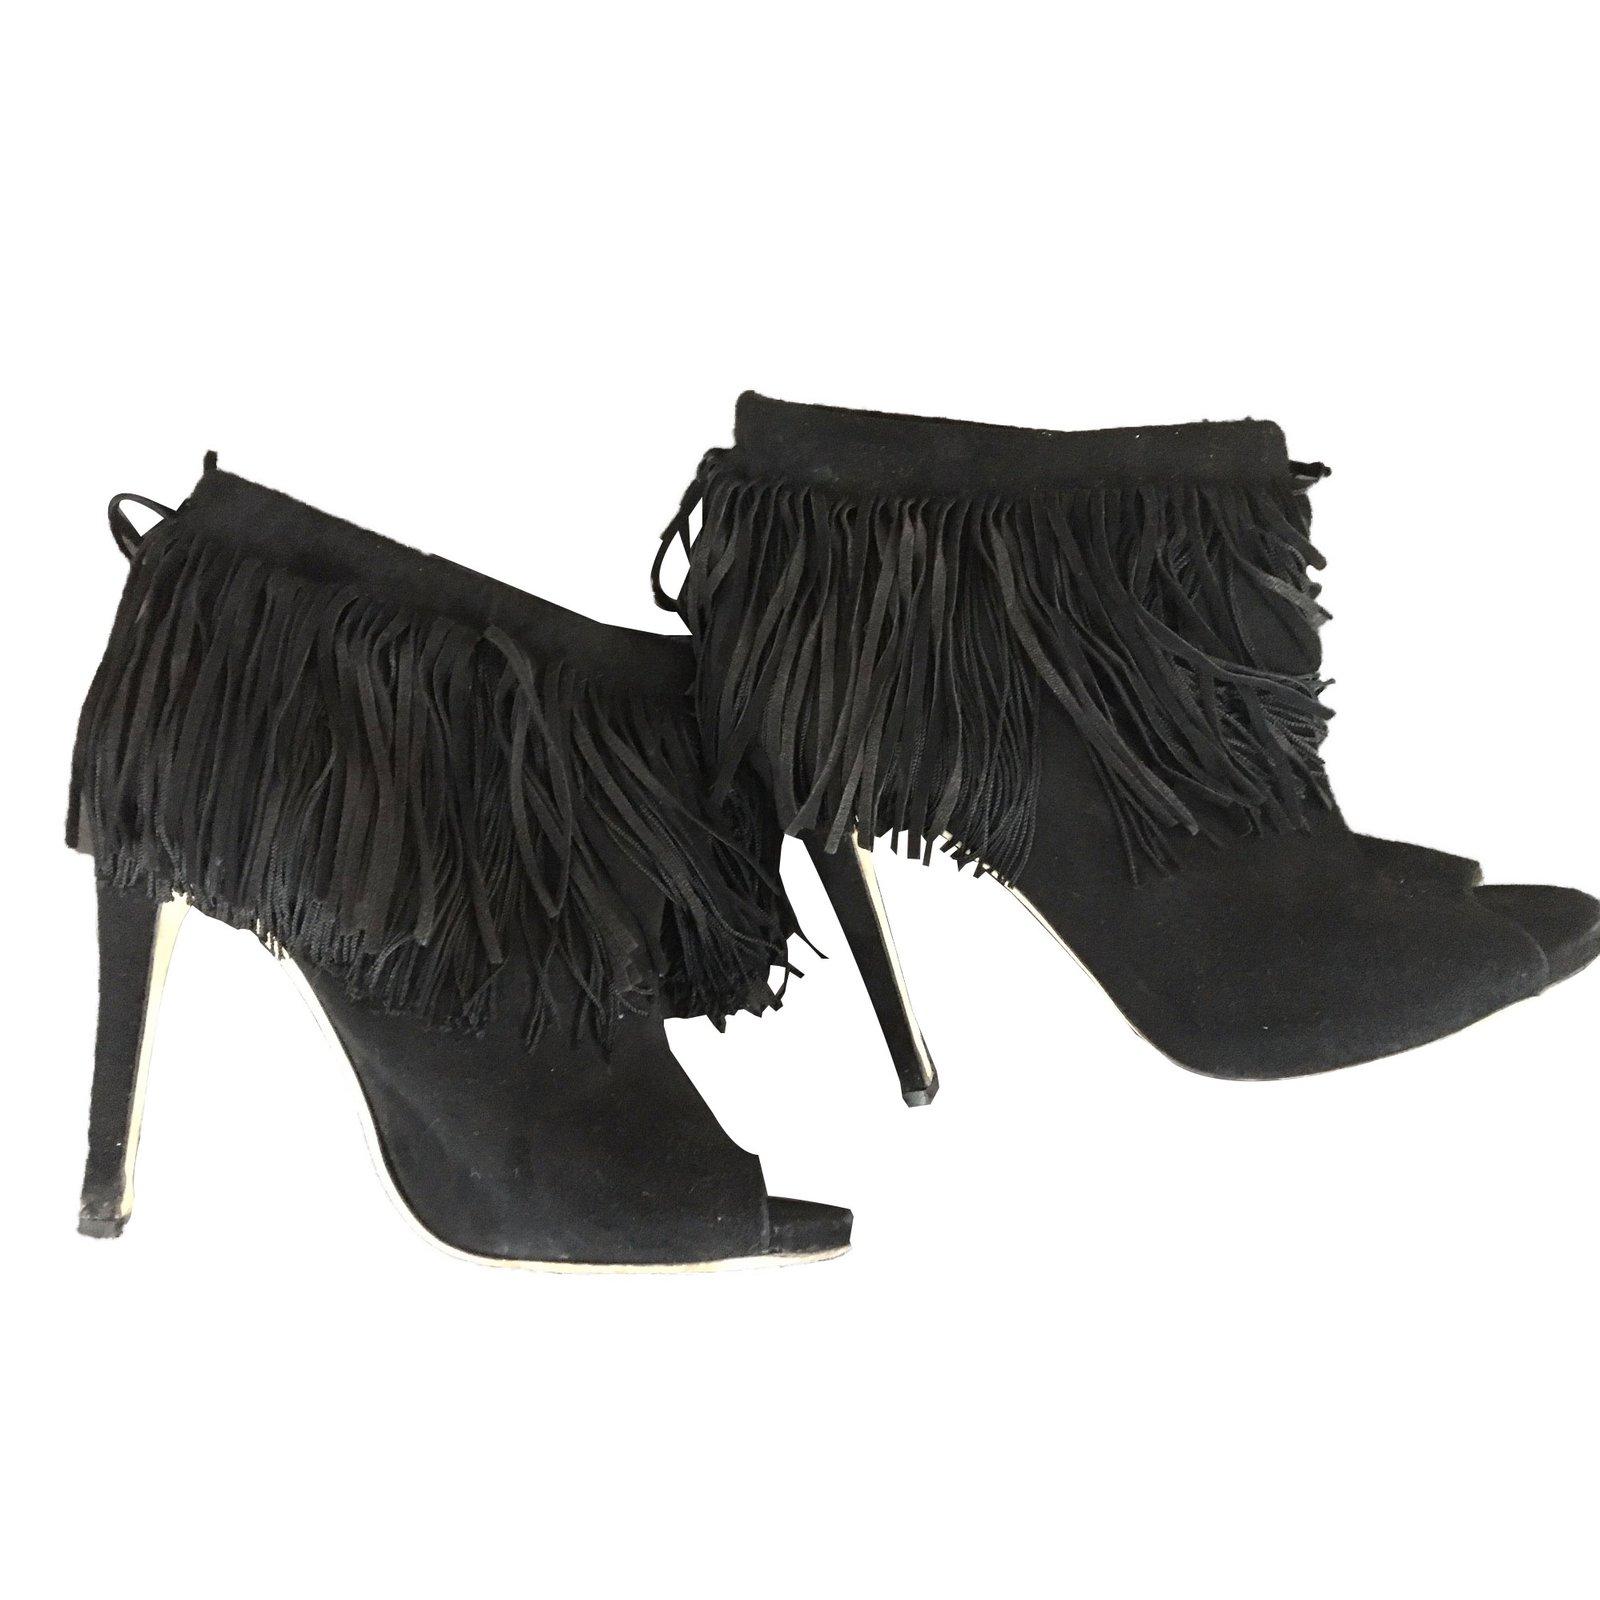 7d38af4f990 ... reduced jimmy choo ankle boots ankle boots deerskin black ref.44328  6d55b 5b6b4